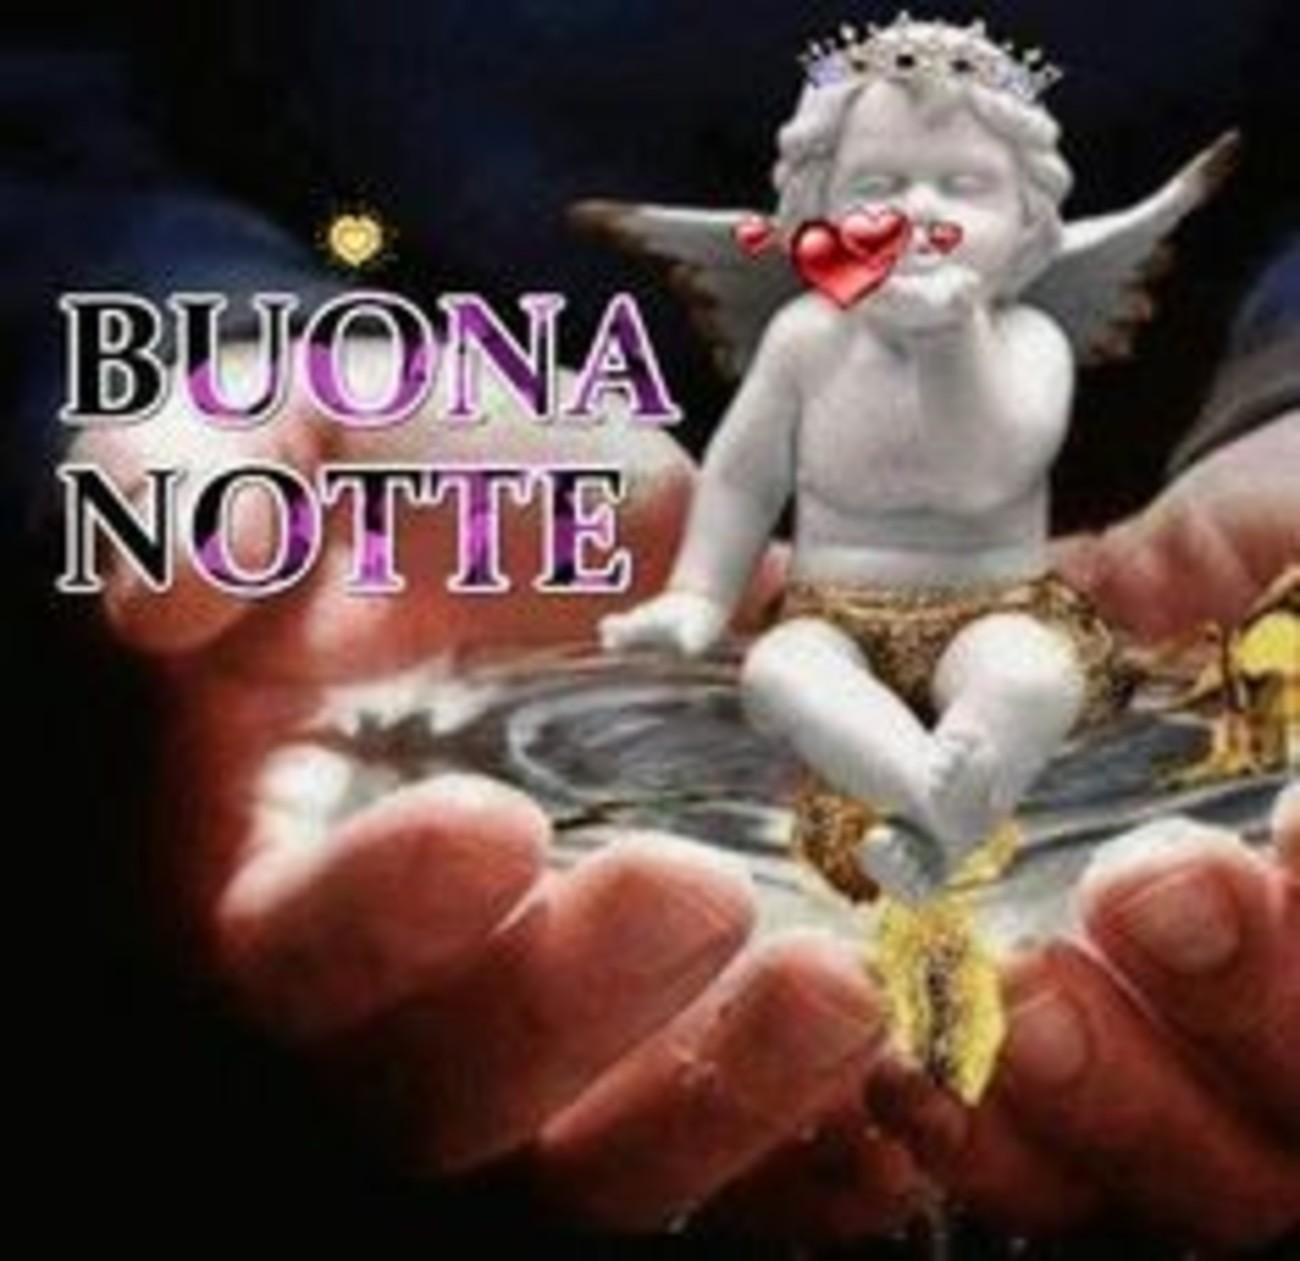 Buonanotte con angeli (3)